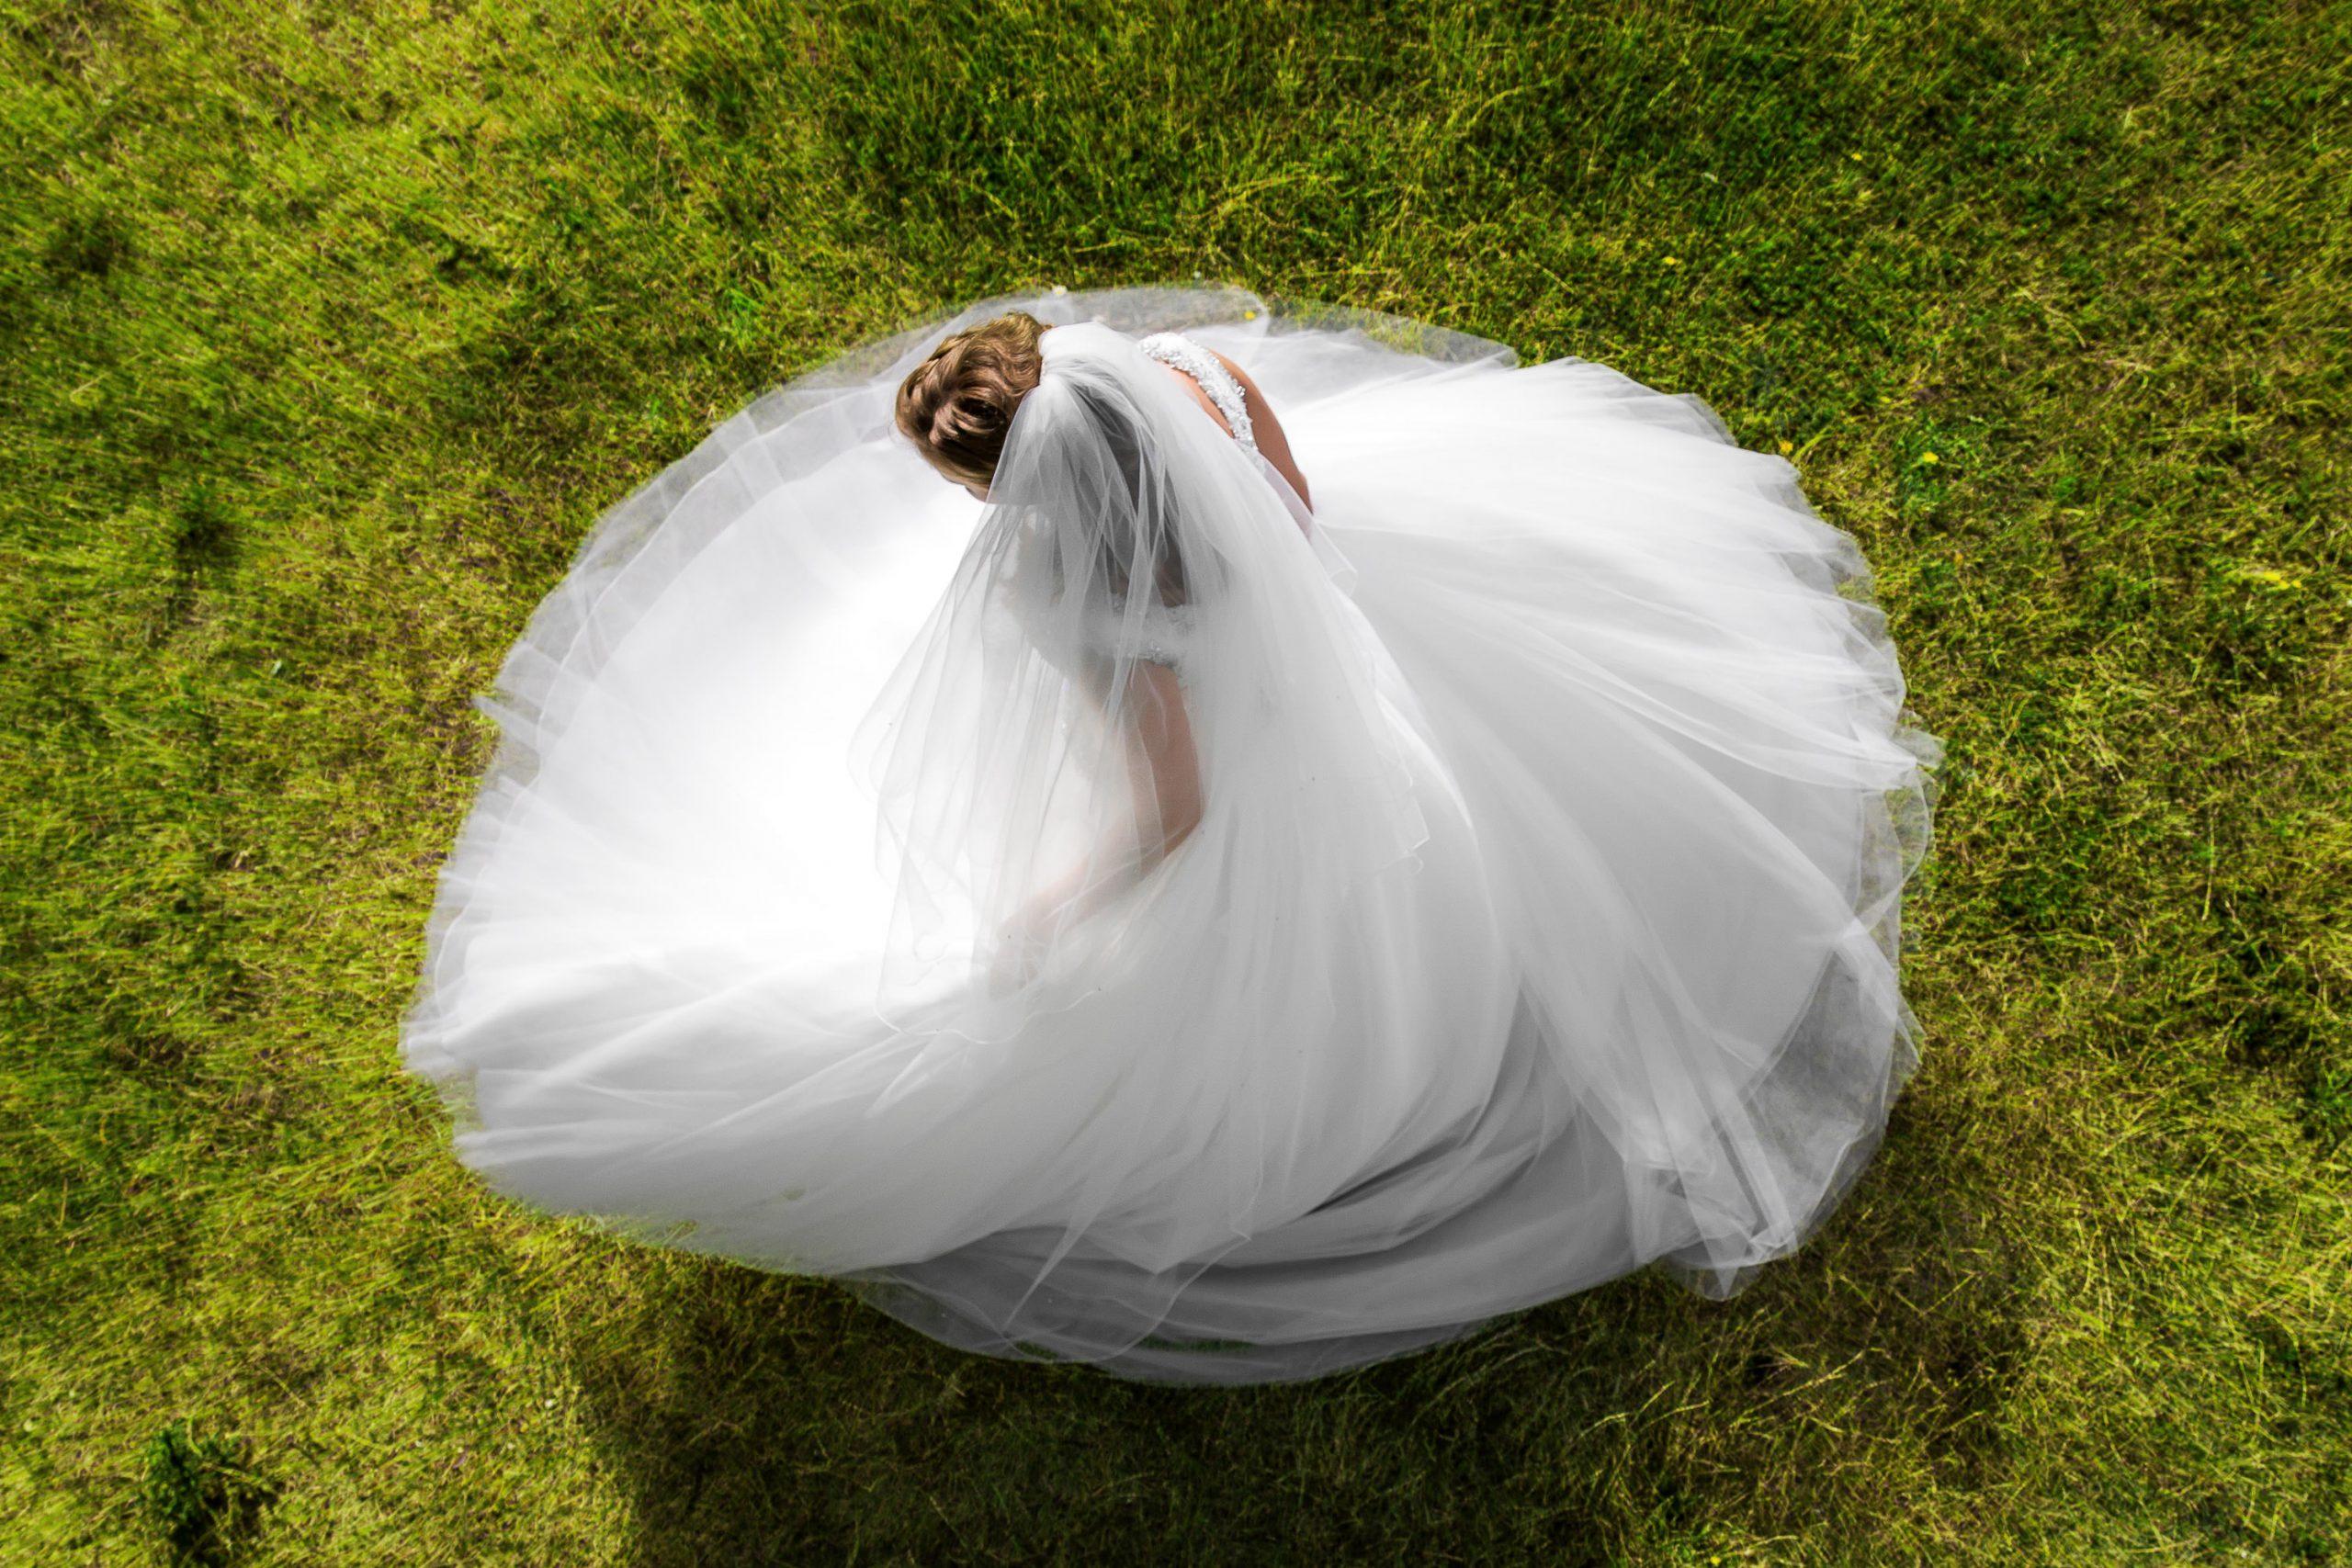 Foto van bovenaf genomen van een bruid die rond draait met haar trouwjurk